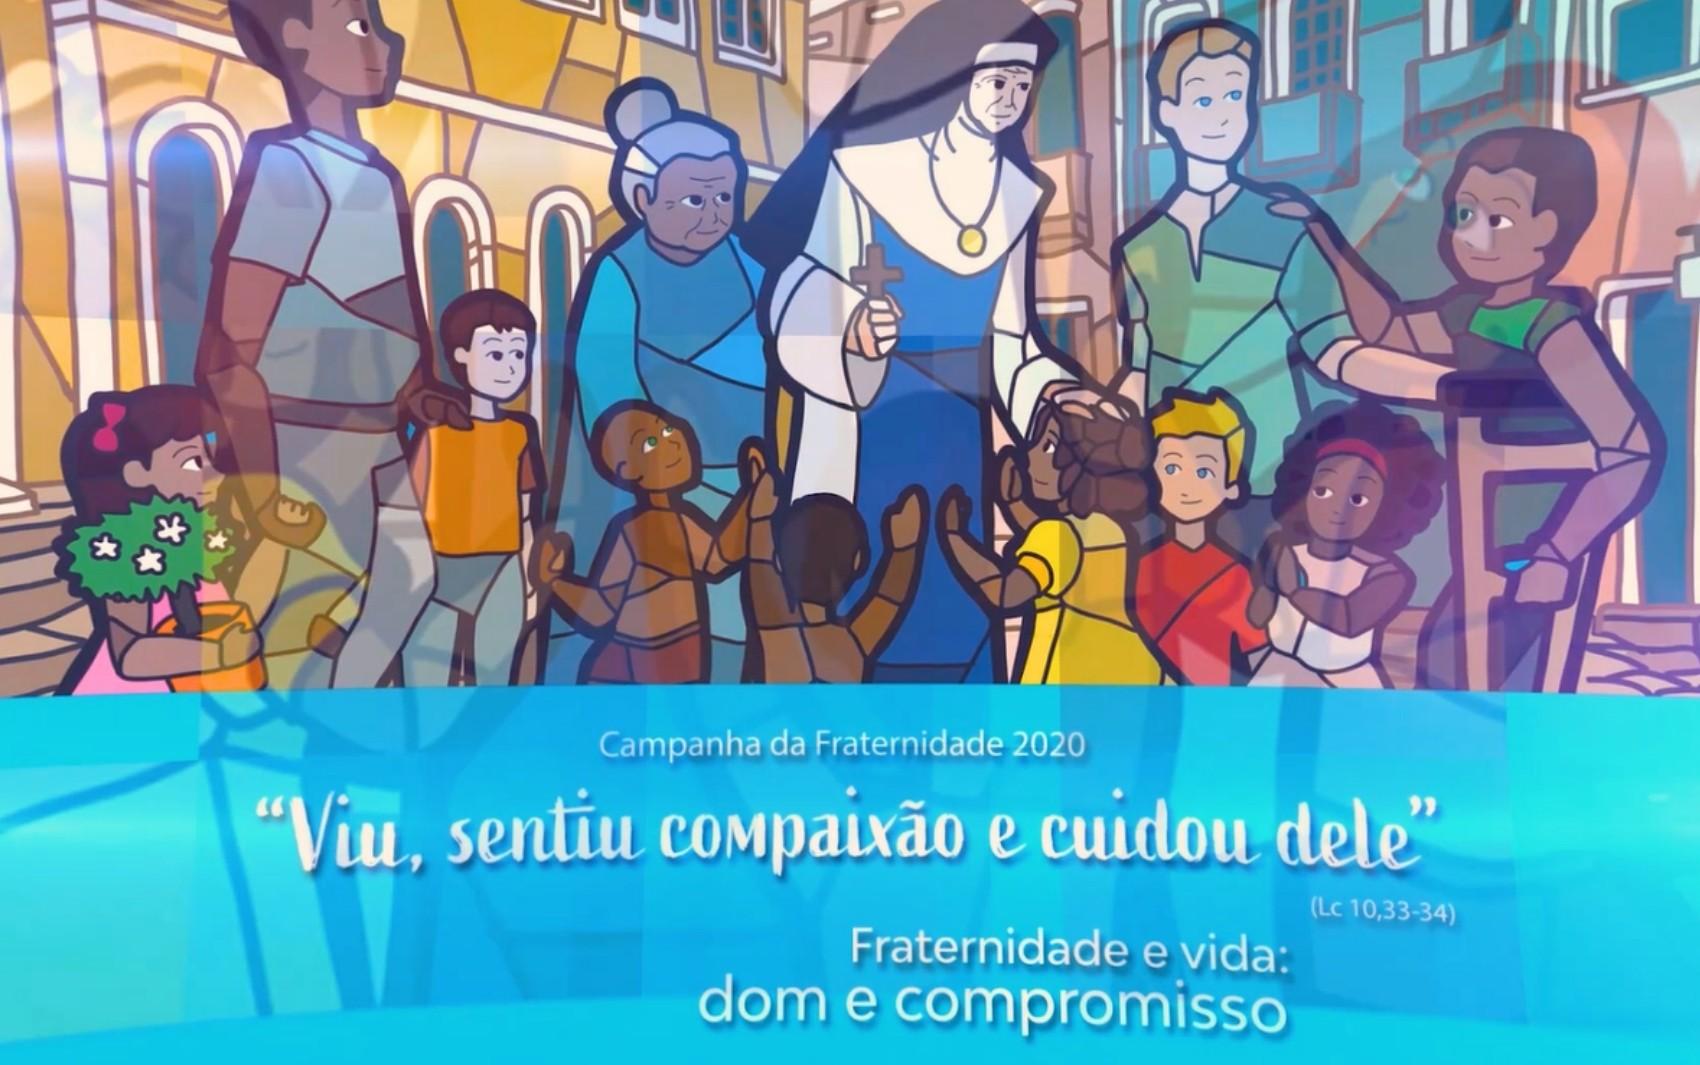 'Fraternidade e vida': católicos goianos conhecem tema de campanha de 2020